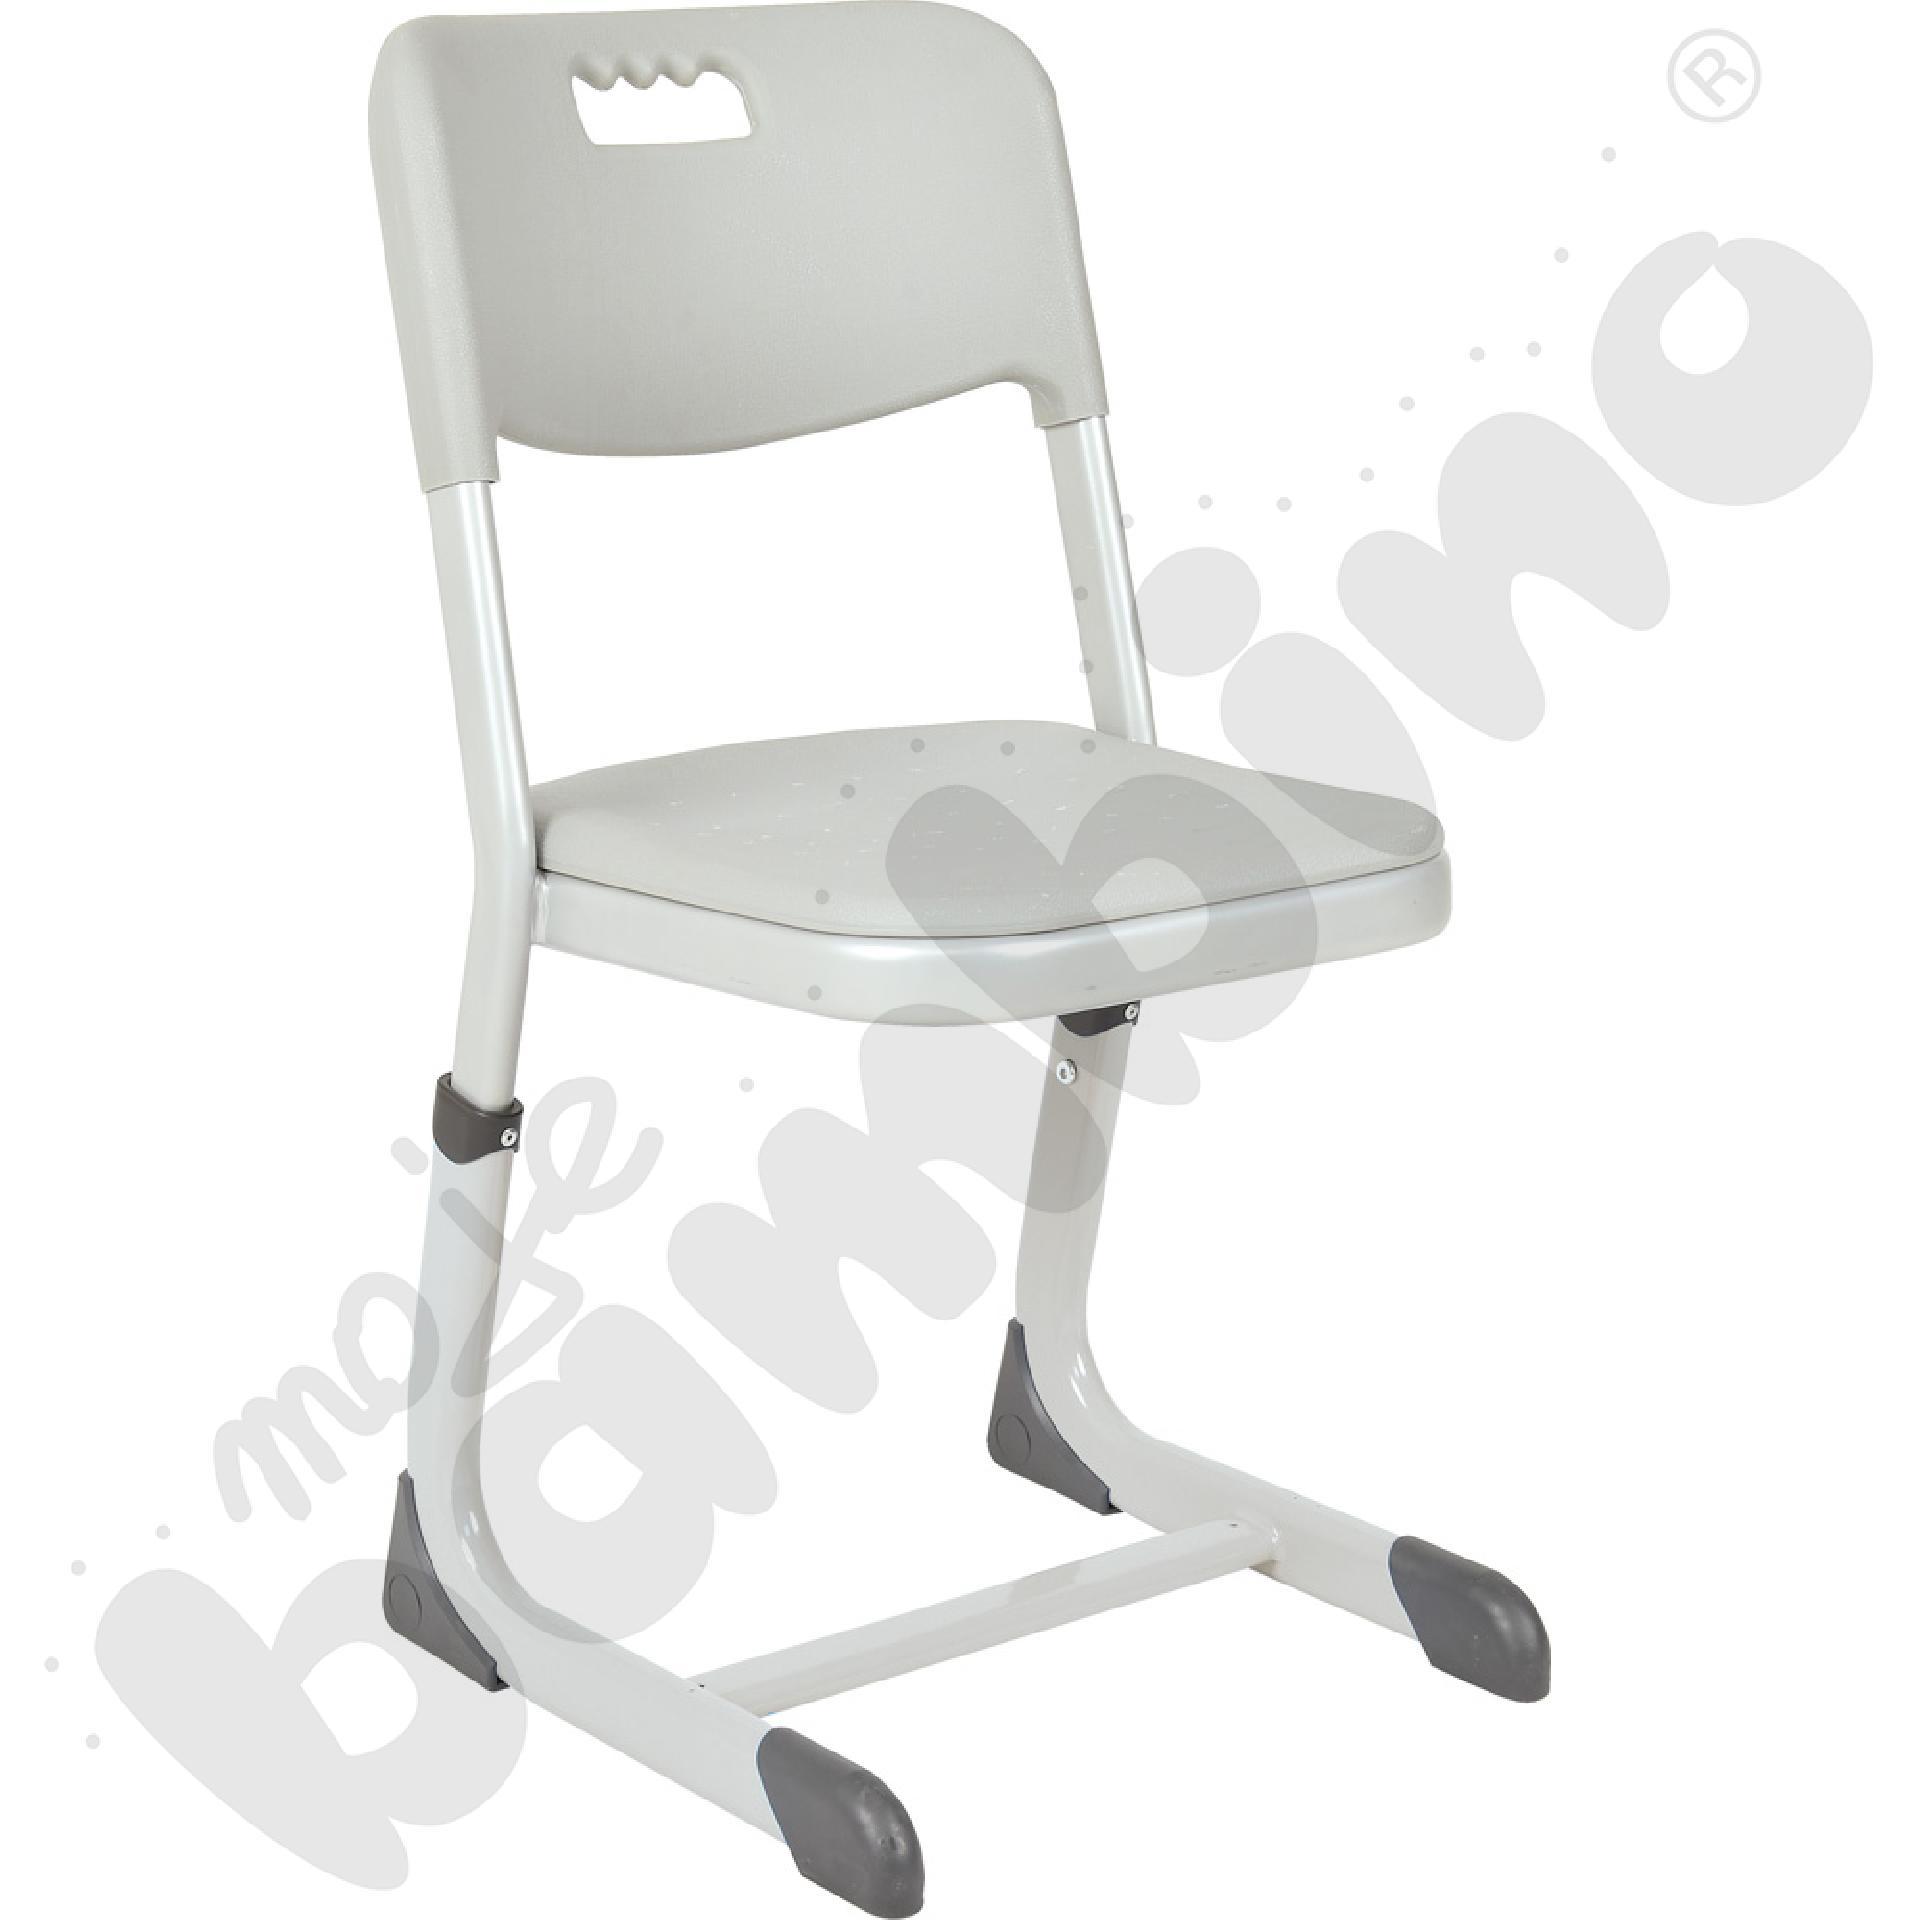 Krzesło IN-C pop-up, rozm. 5-6